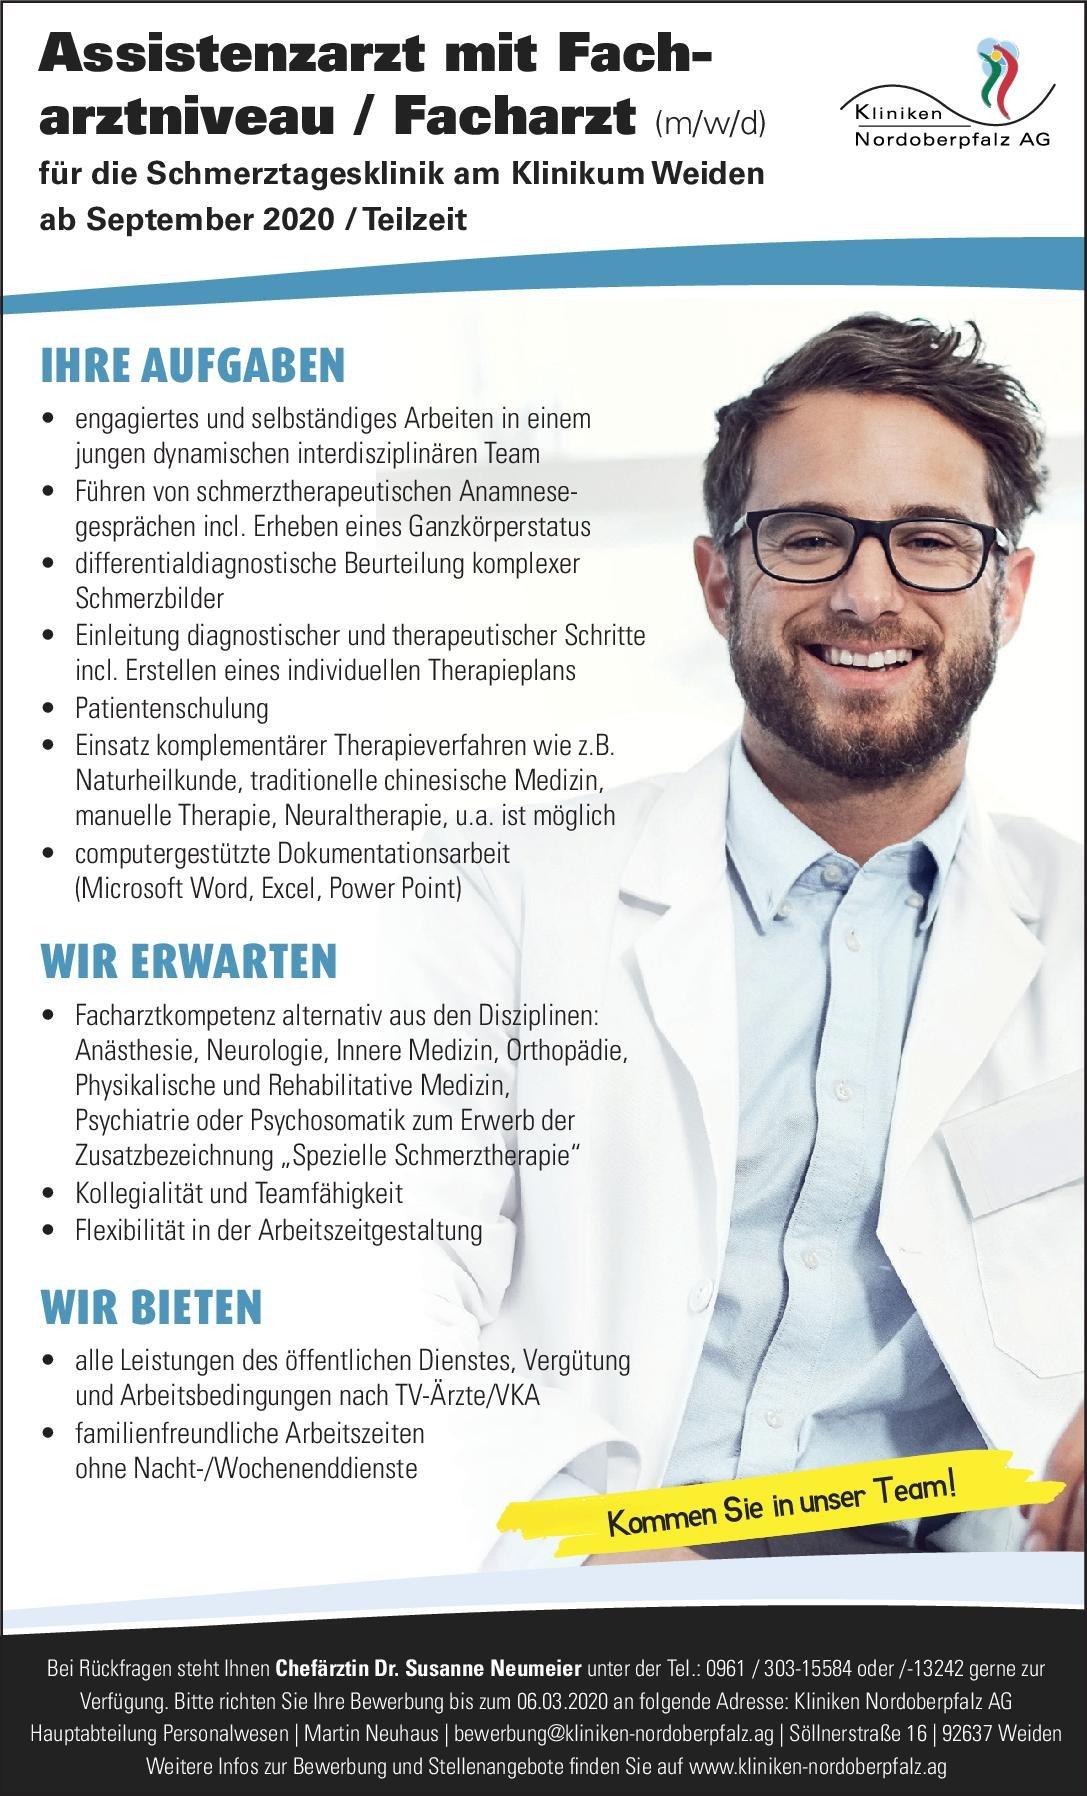 Kliniken Nordoberpfalz AG Assistenzarzt mit Facharztniveau/ Facharzt (m/w/d) für die Schmerztagesklinik Anästhesiologie / Intensivmedizin, Innere Medizin, Neurologie Assistenzarzt / Arzt in Weiterbildung